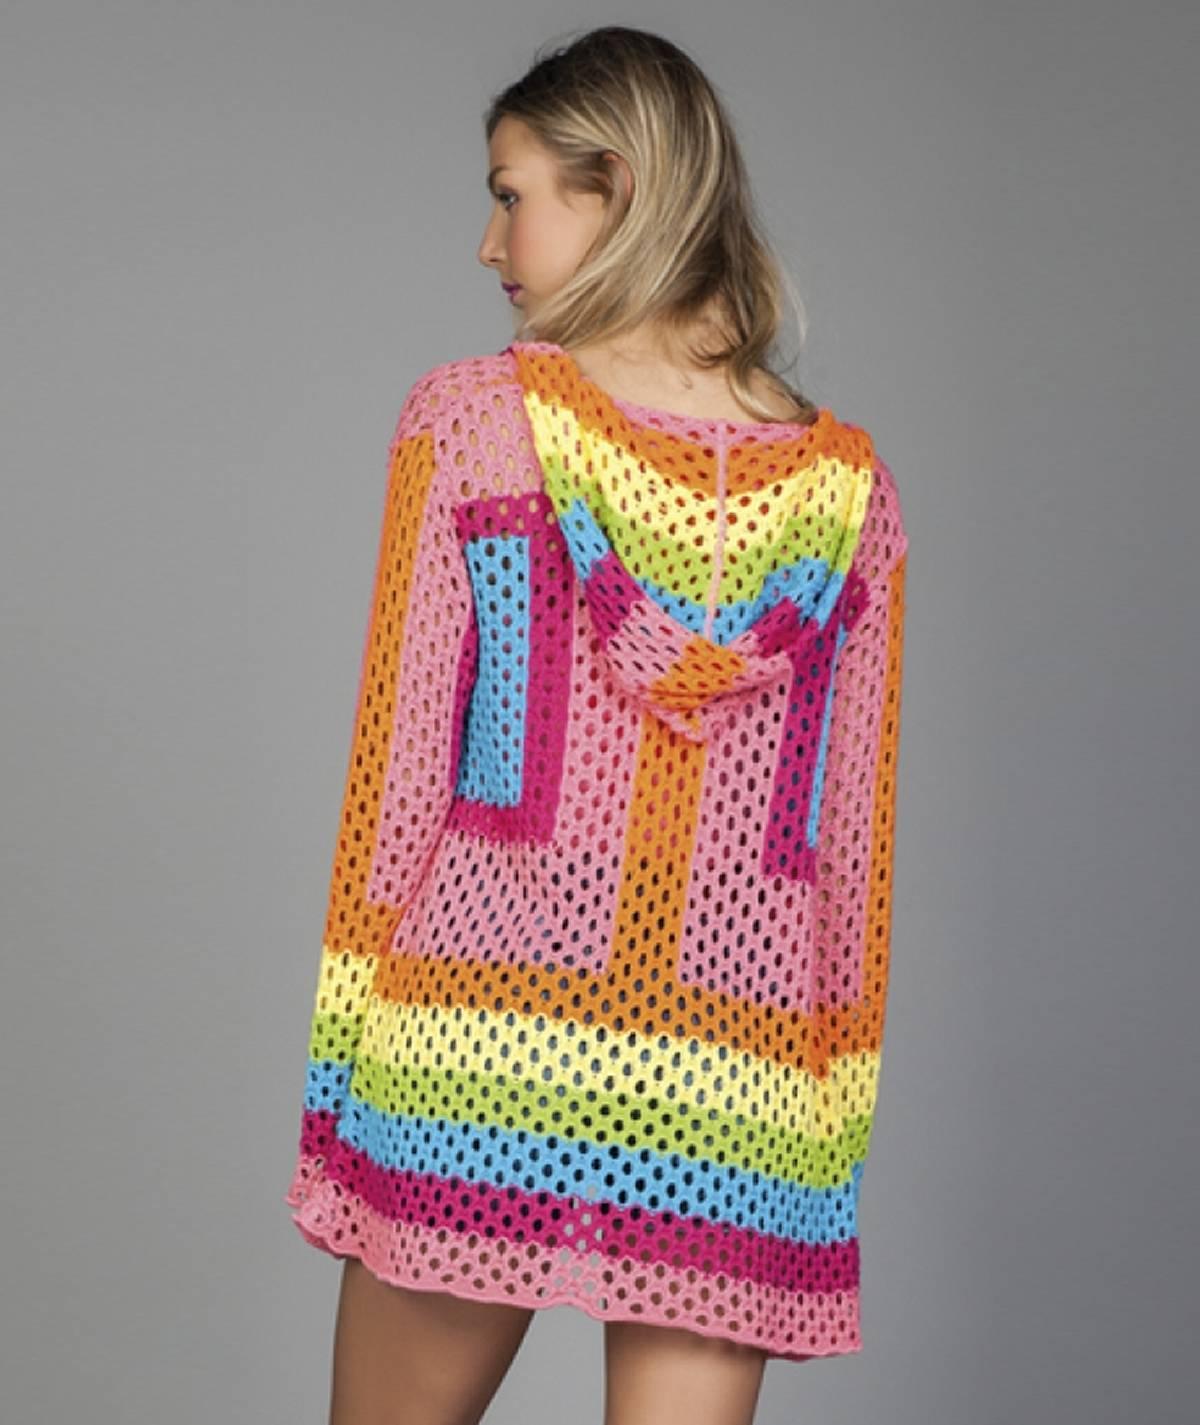 Casaco perfurado arco-iris